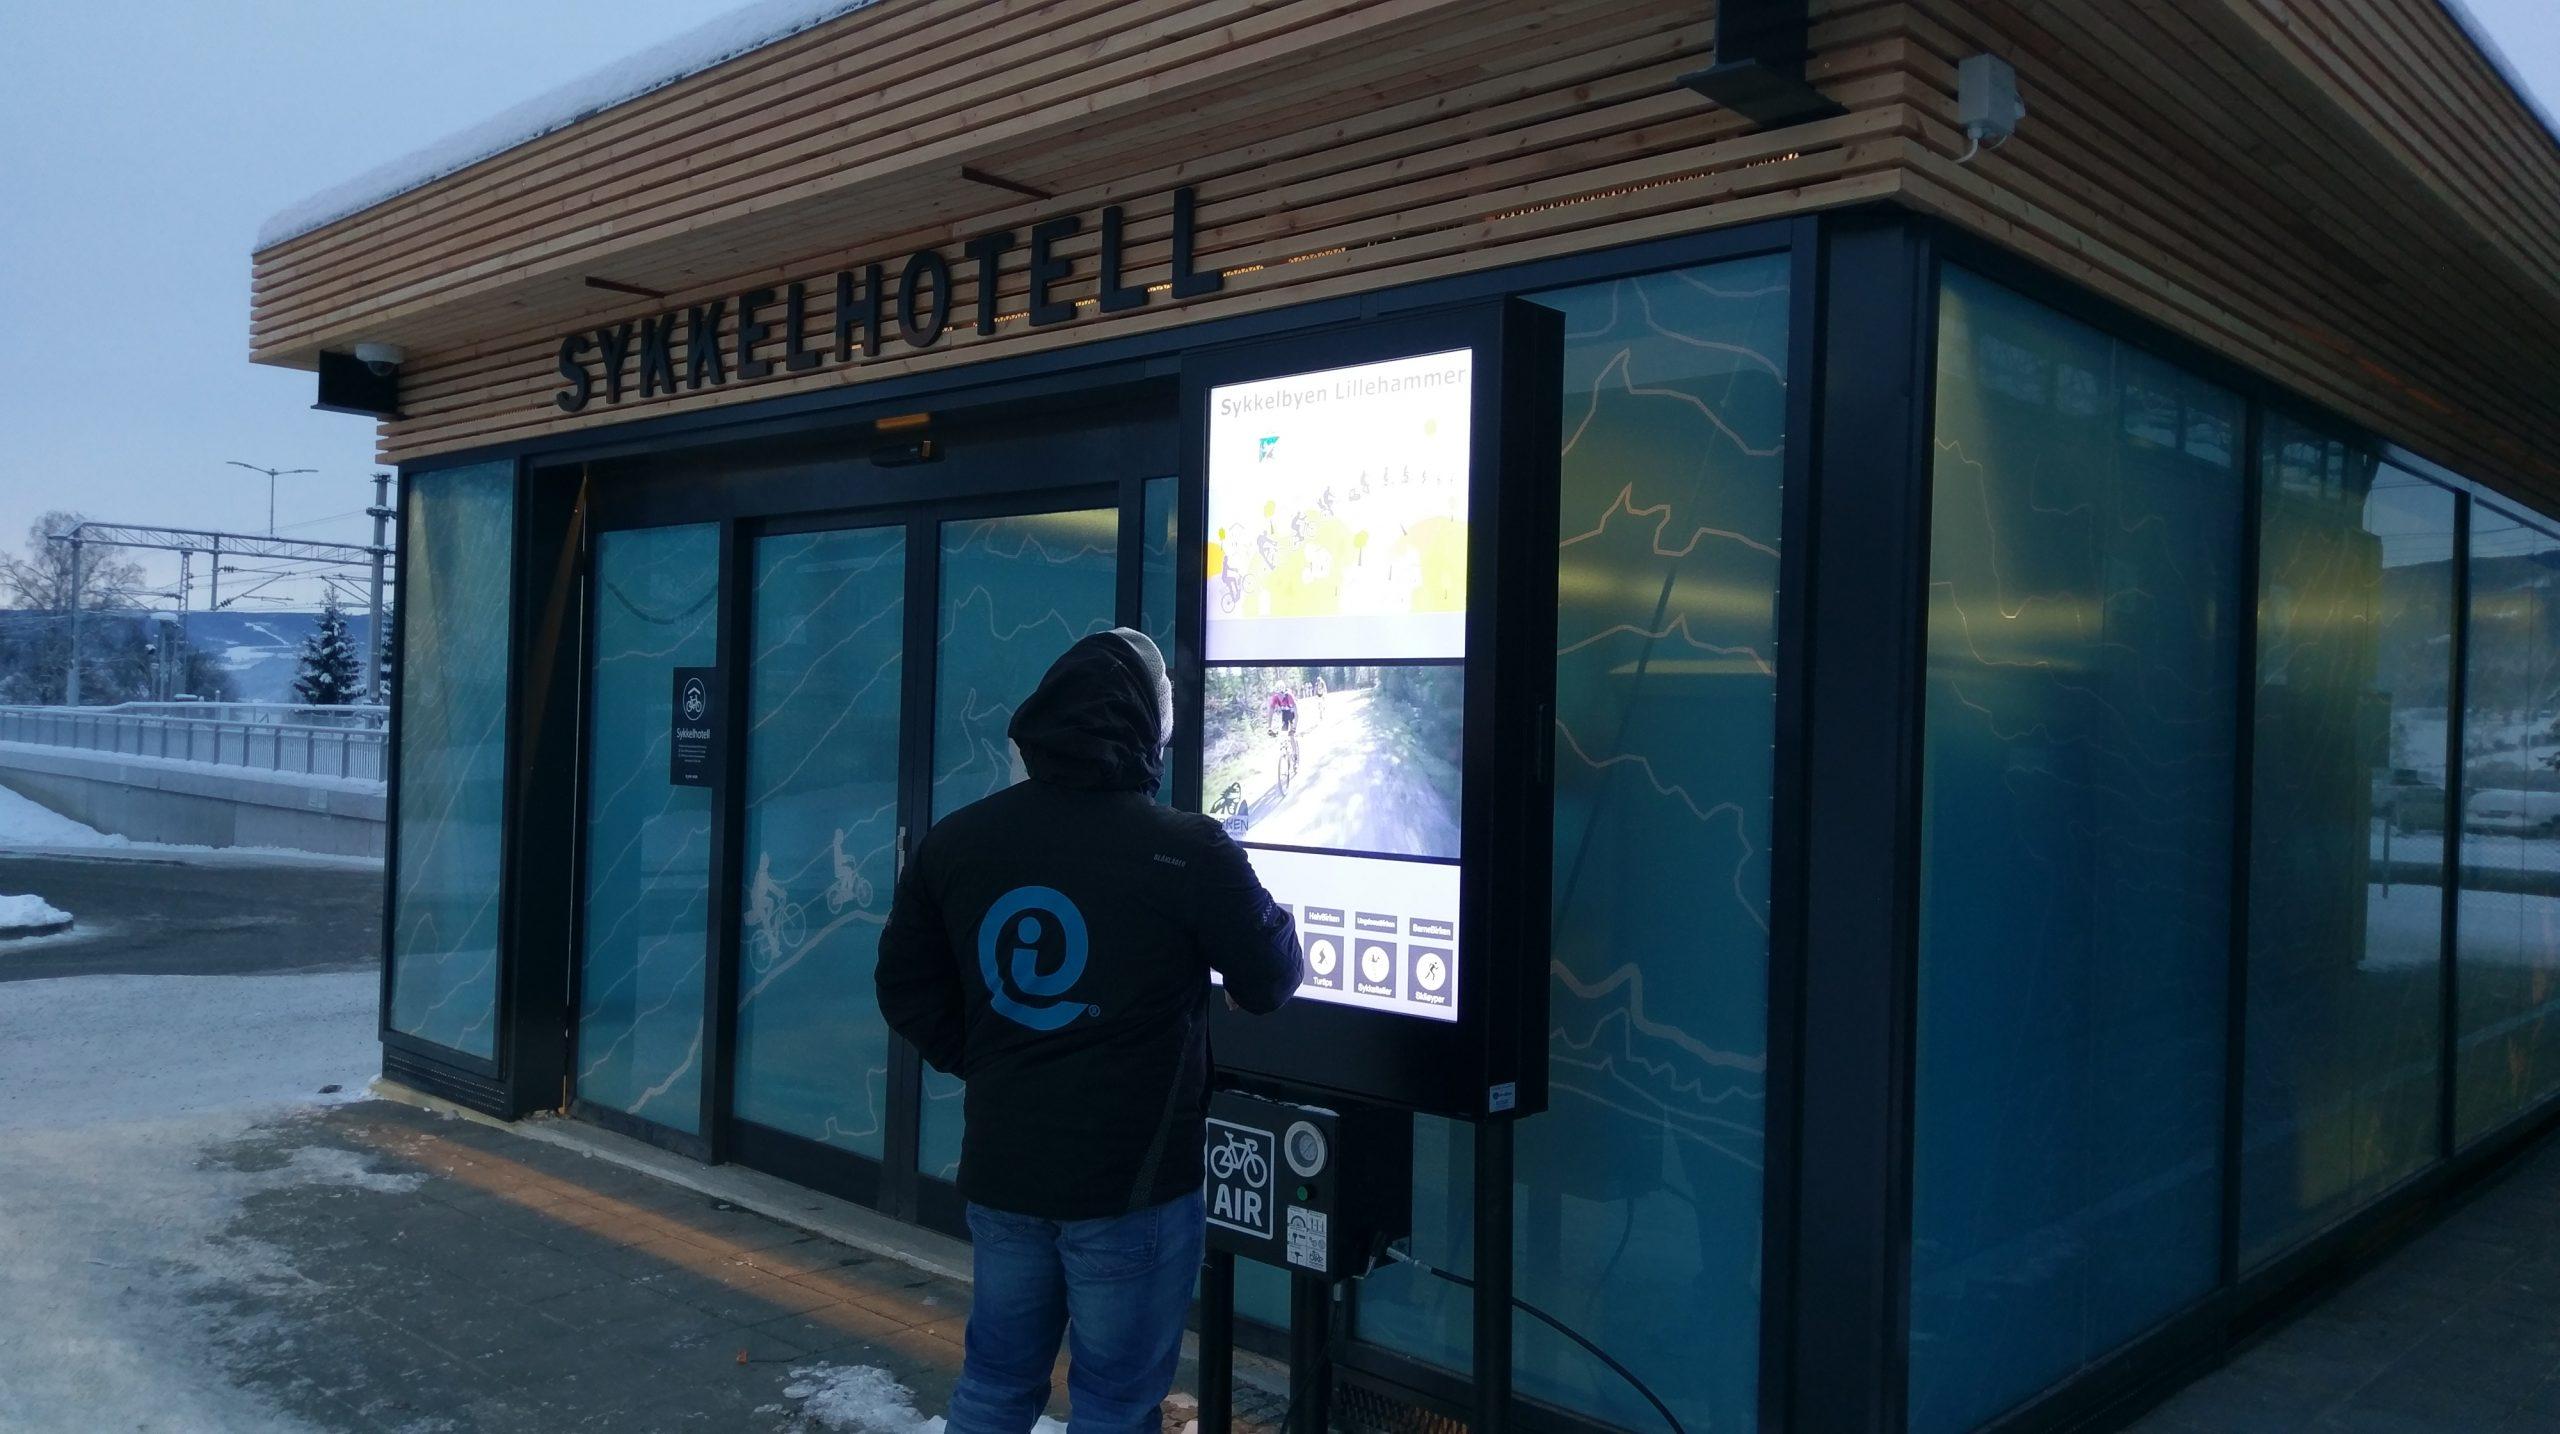 Procon Digital Sykkelkiosk - Lillehammer kommune